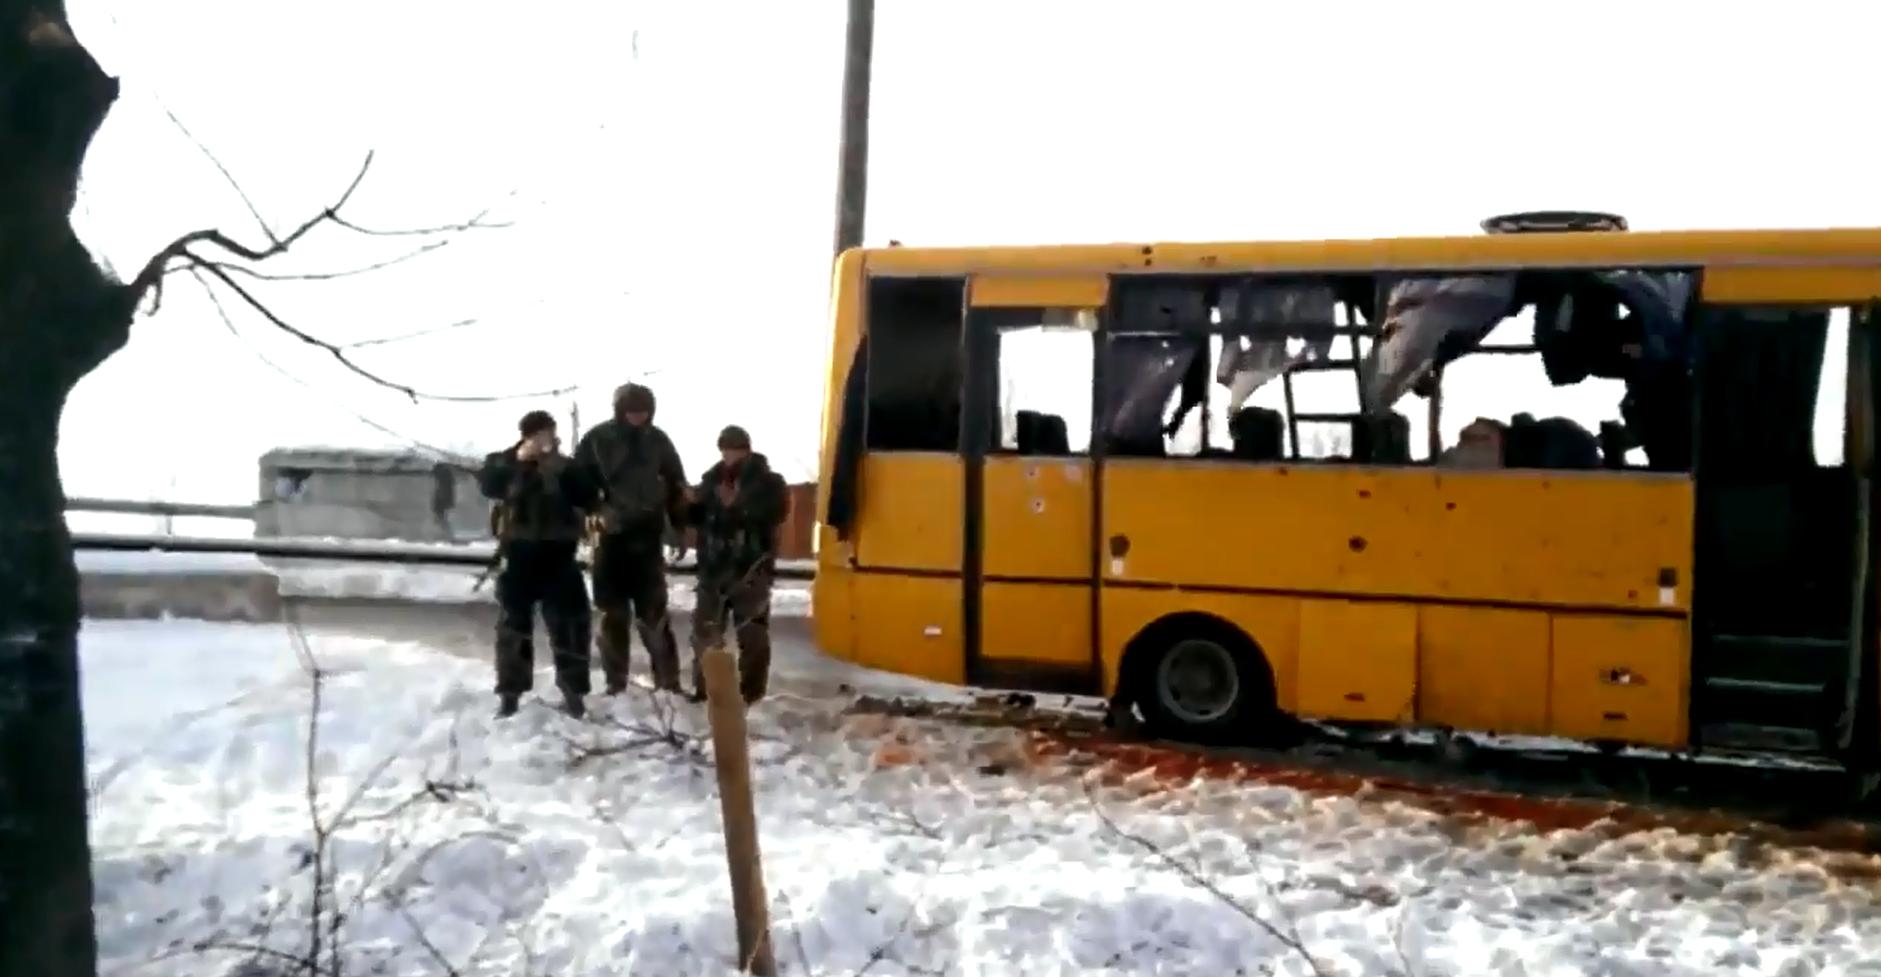 Ein gelber, zerbombter Bus steht auf einer Straße.